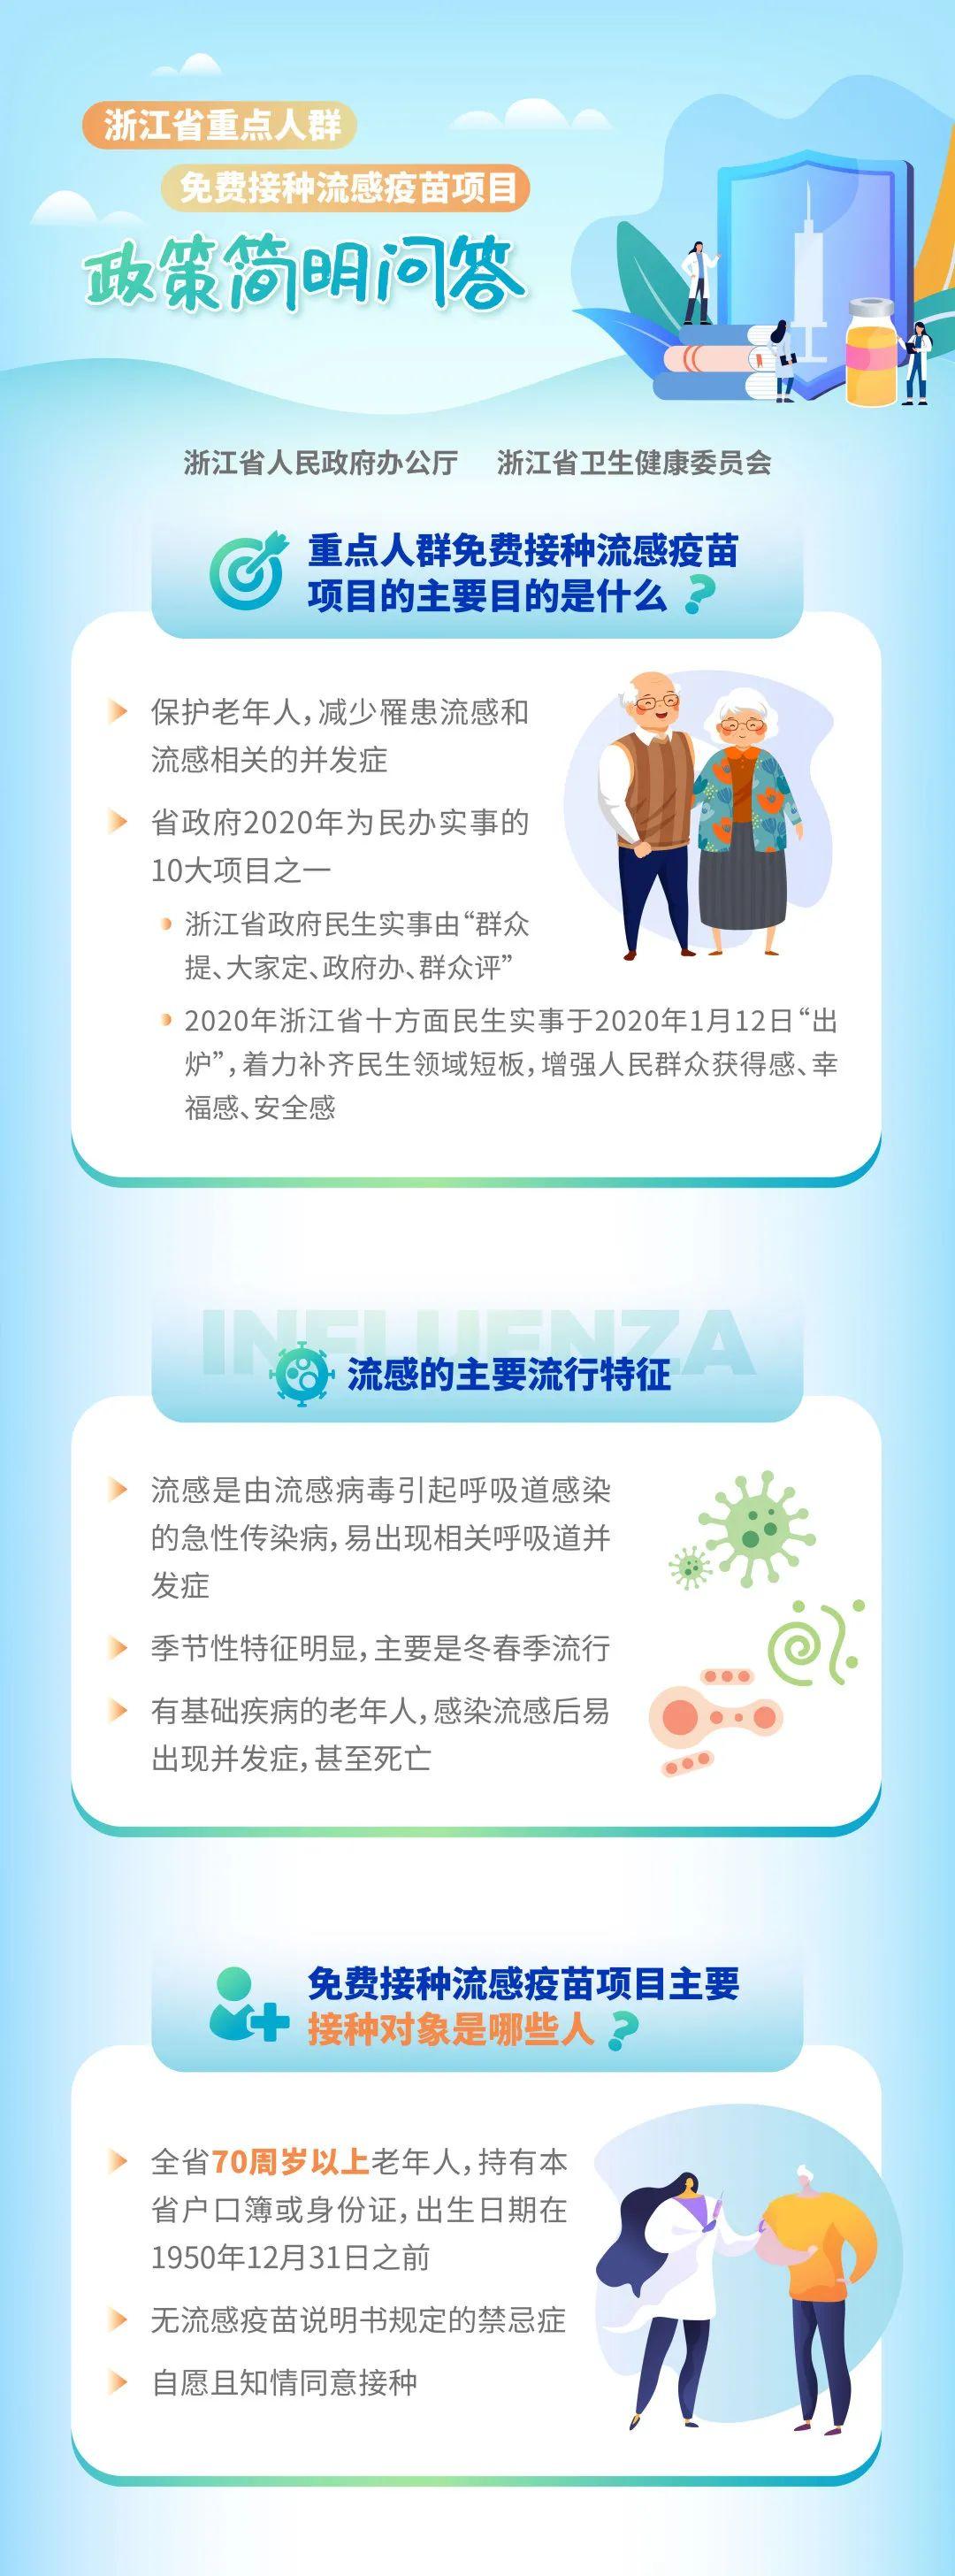 一图读懂|浙江70周岁以上老年人可免费接种流感疫苗,高血压、糖尿病患者有新政策图片